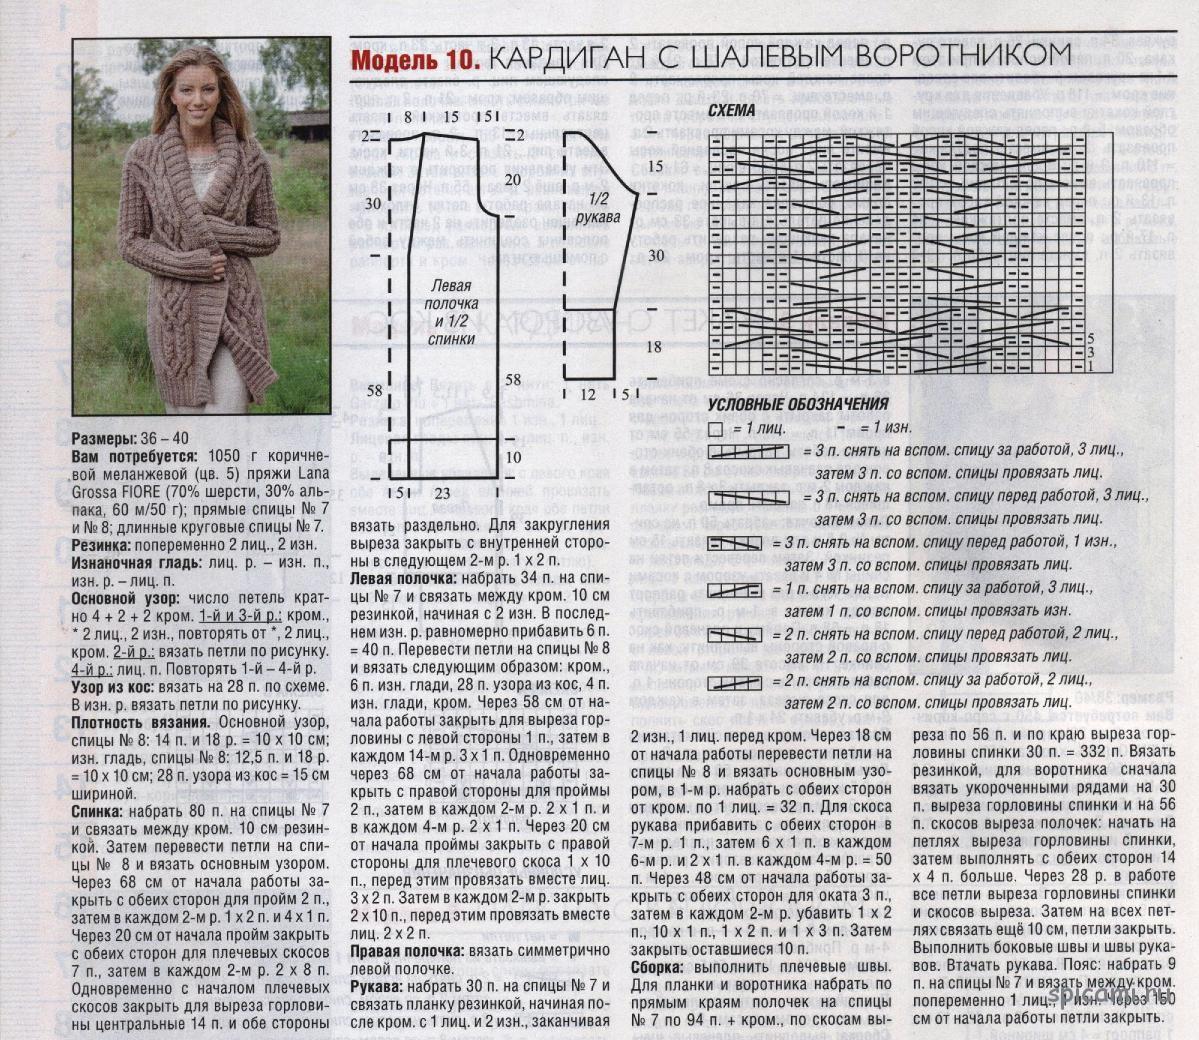 Кардиган спицами 35 моделей с описанием и схемами, Вязание